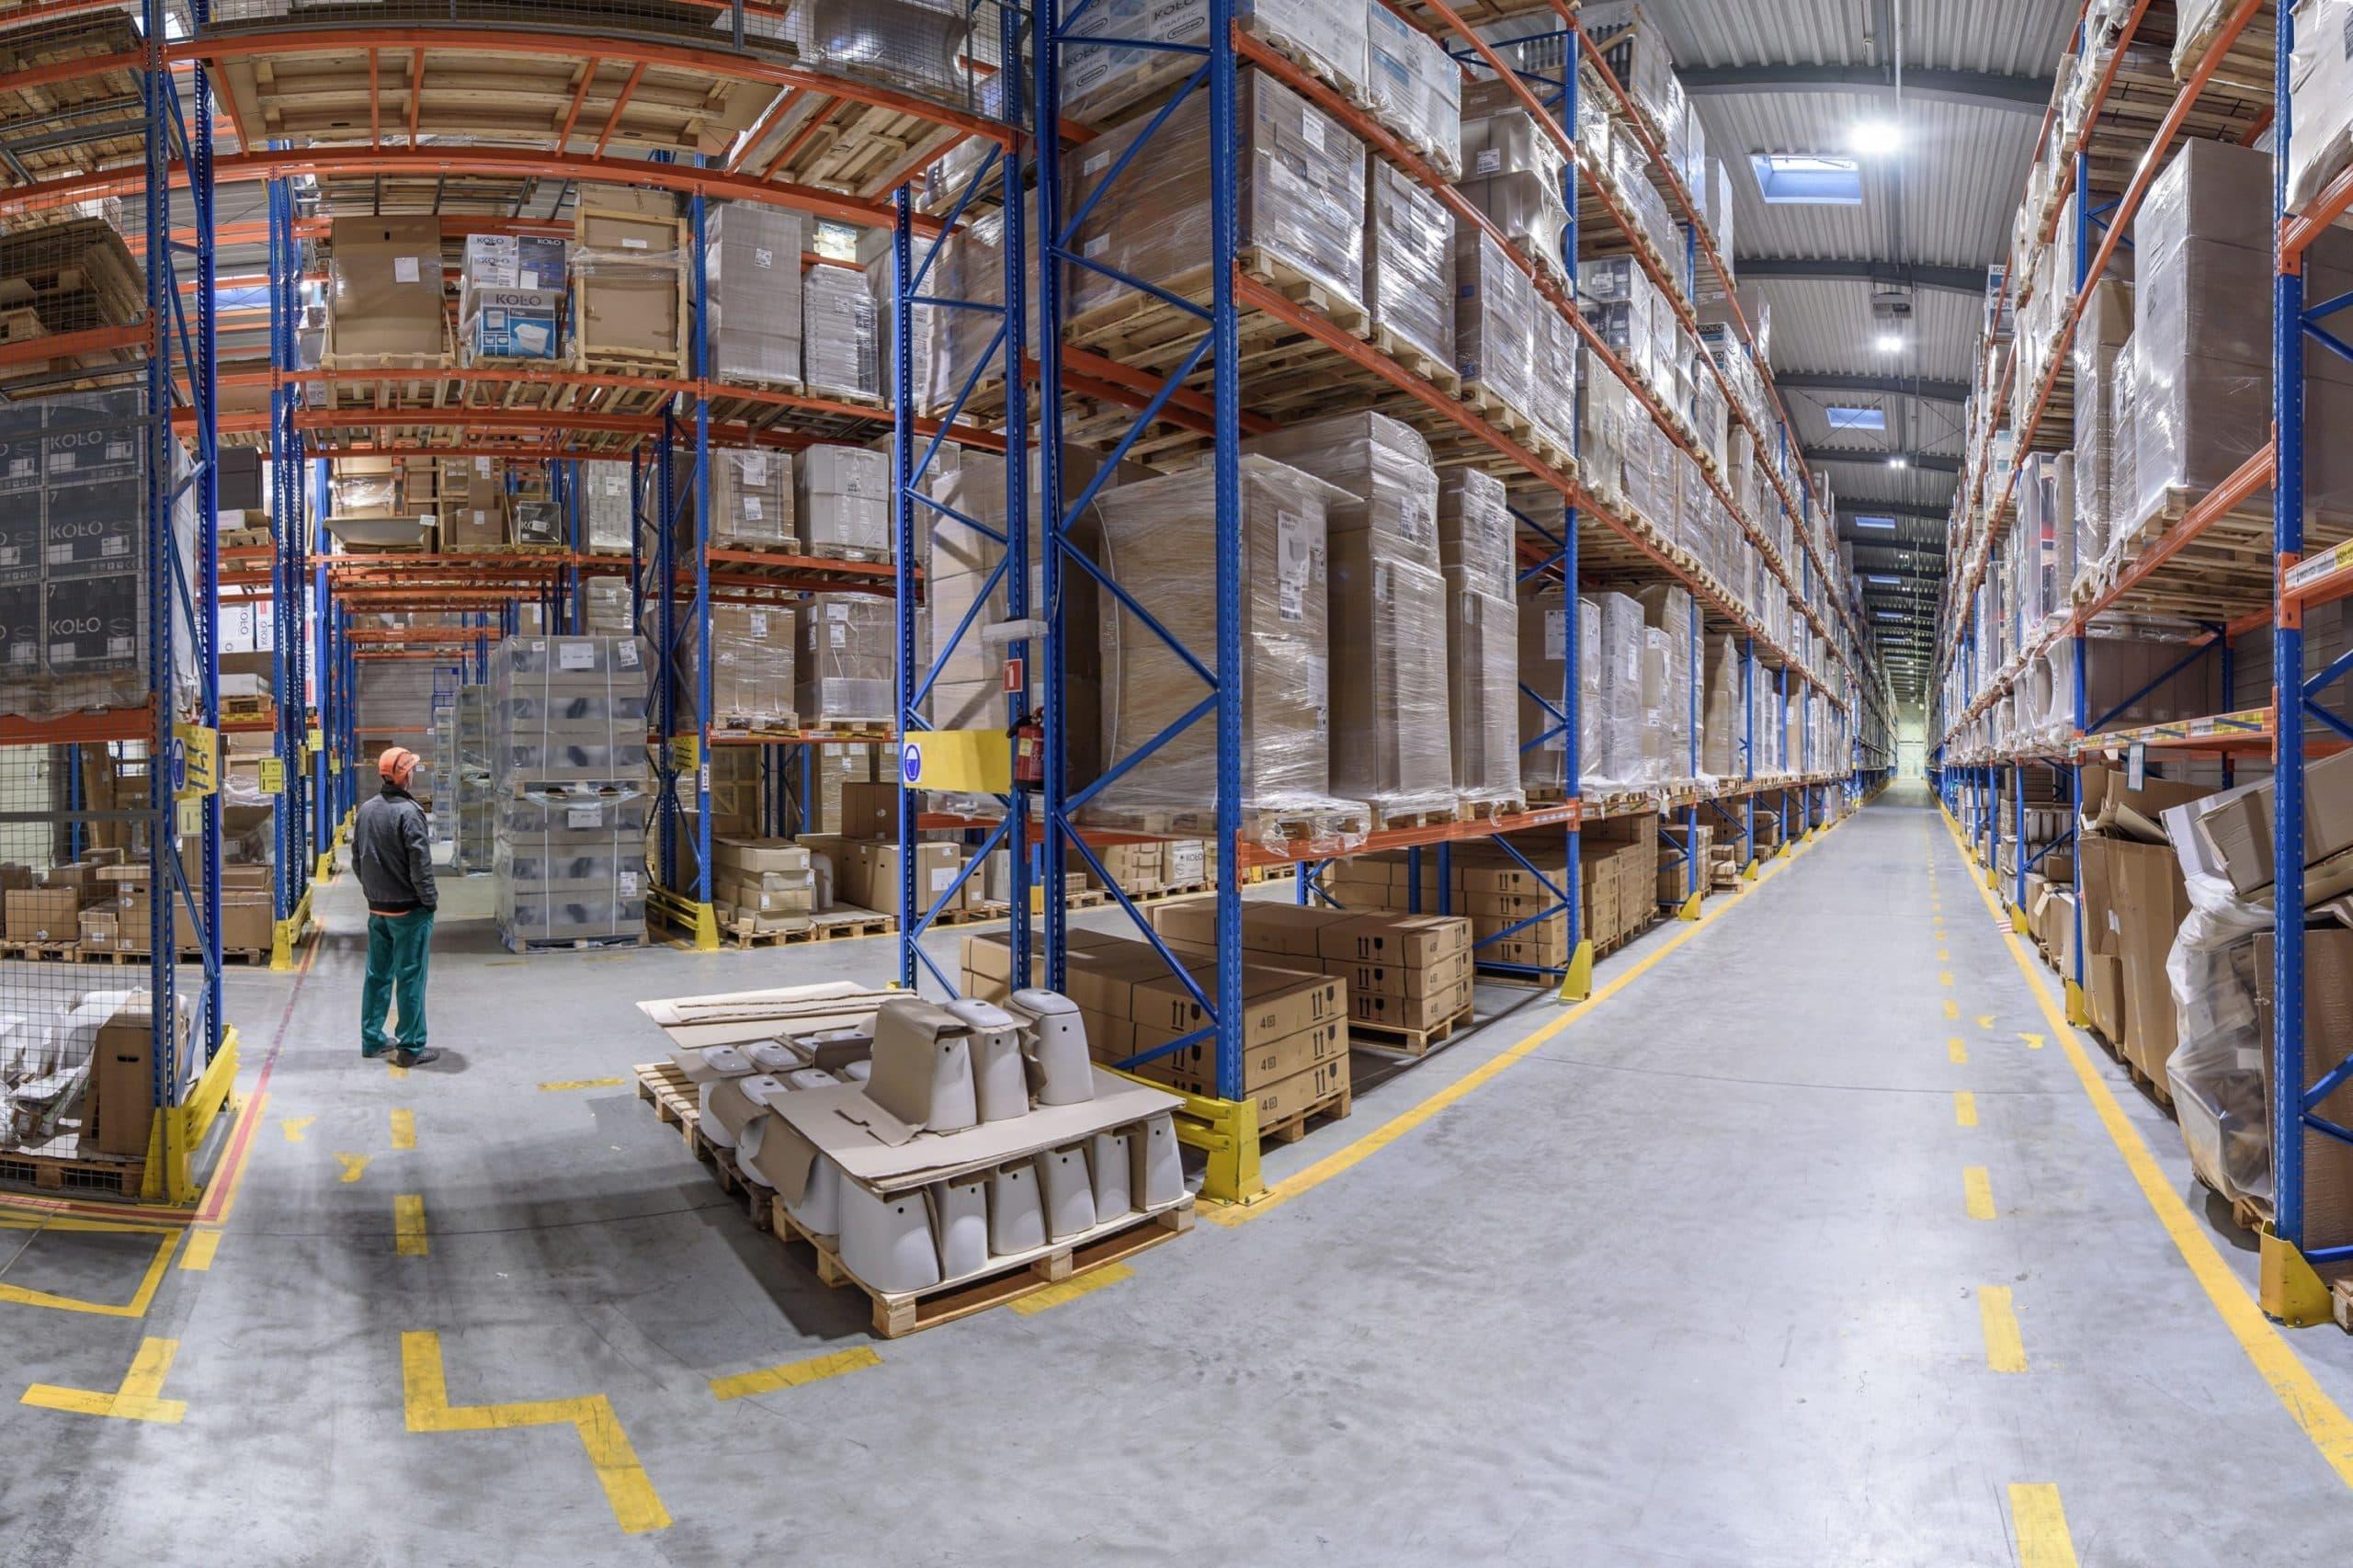 Oprawy przemysłowe Highbay w hali magazynowej firmy Geberit - Luxon LED